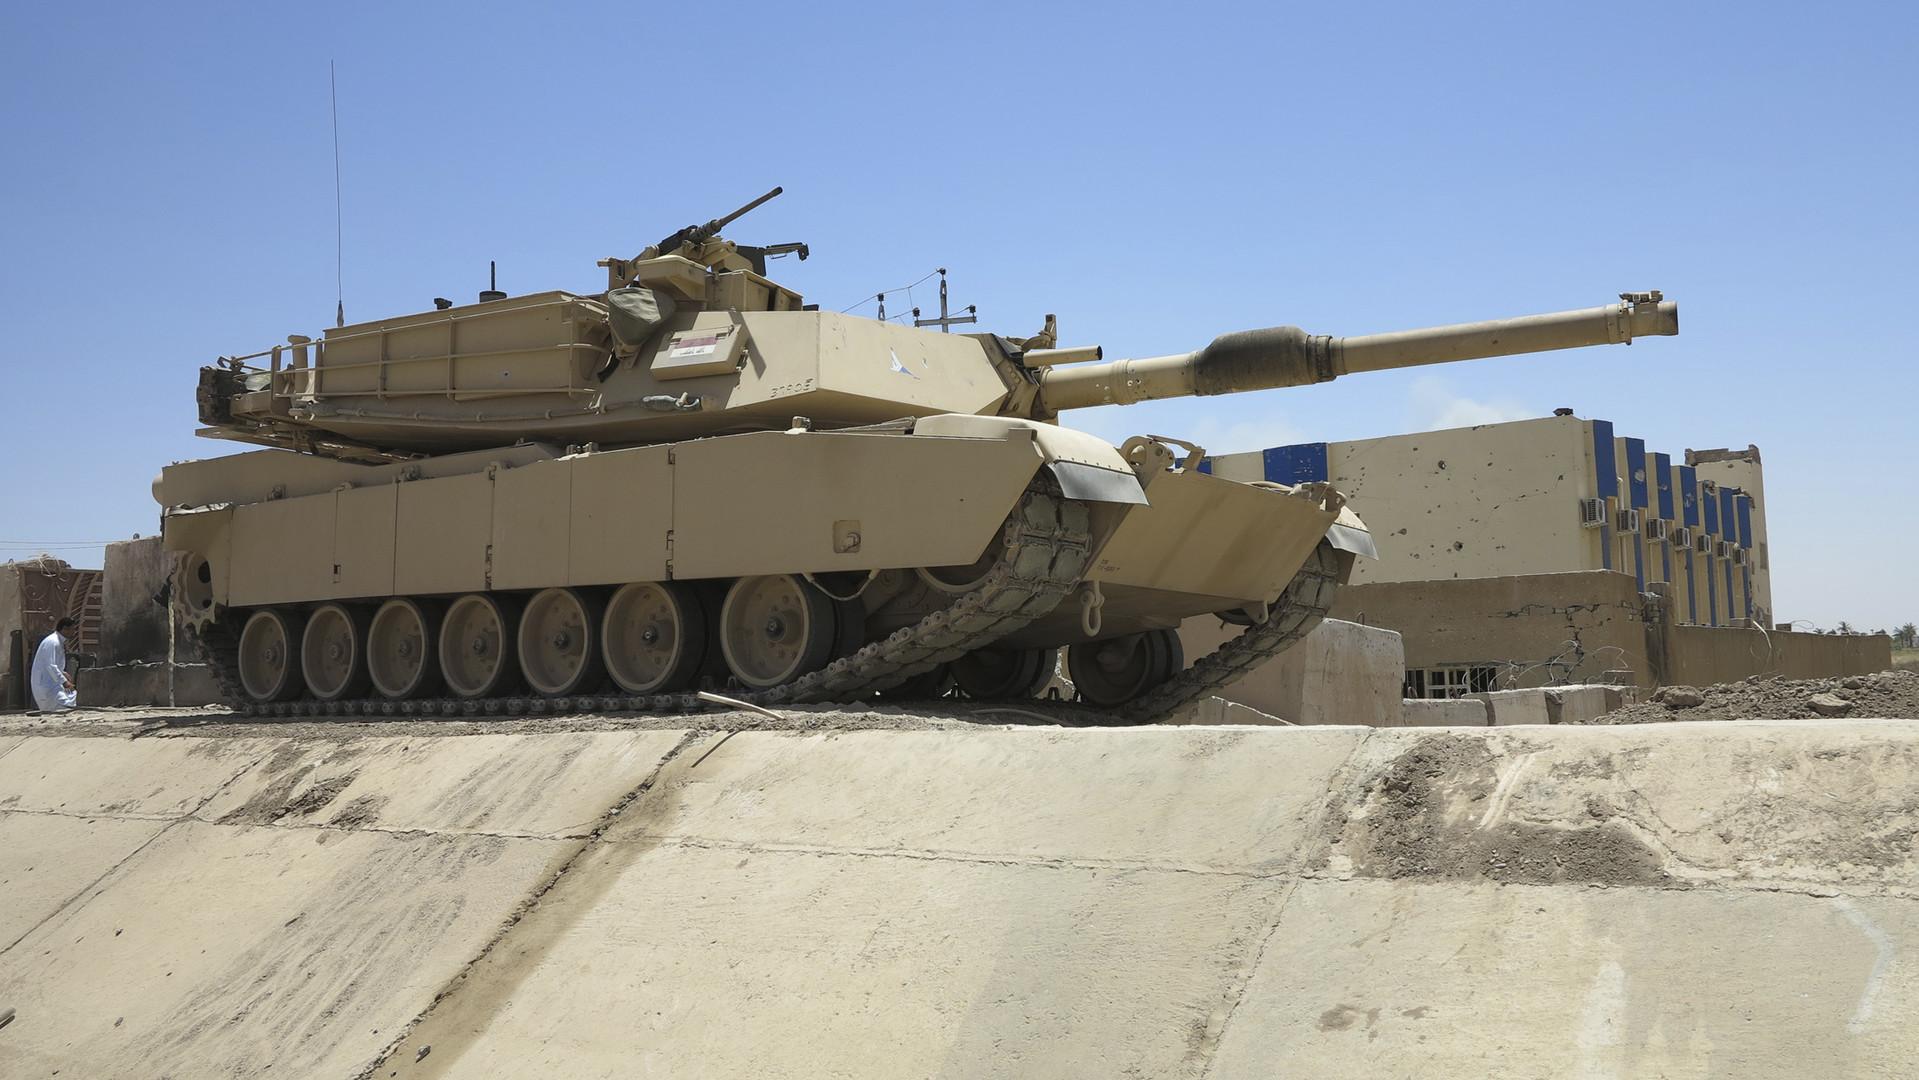 Si les tanks utilisés par Daesh sont avant tout de fabrication russe, les combattants de l'Etat islamique auraient mis la main sur un char Abrams américain de l'armée irakienne